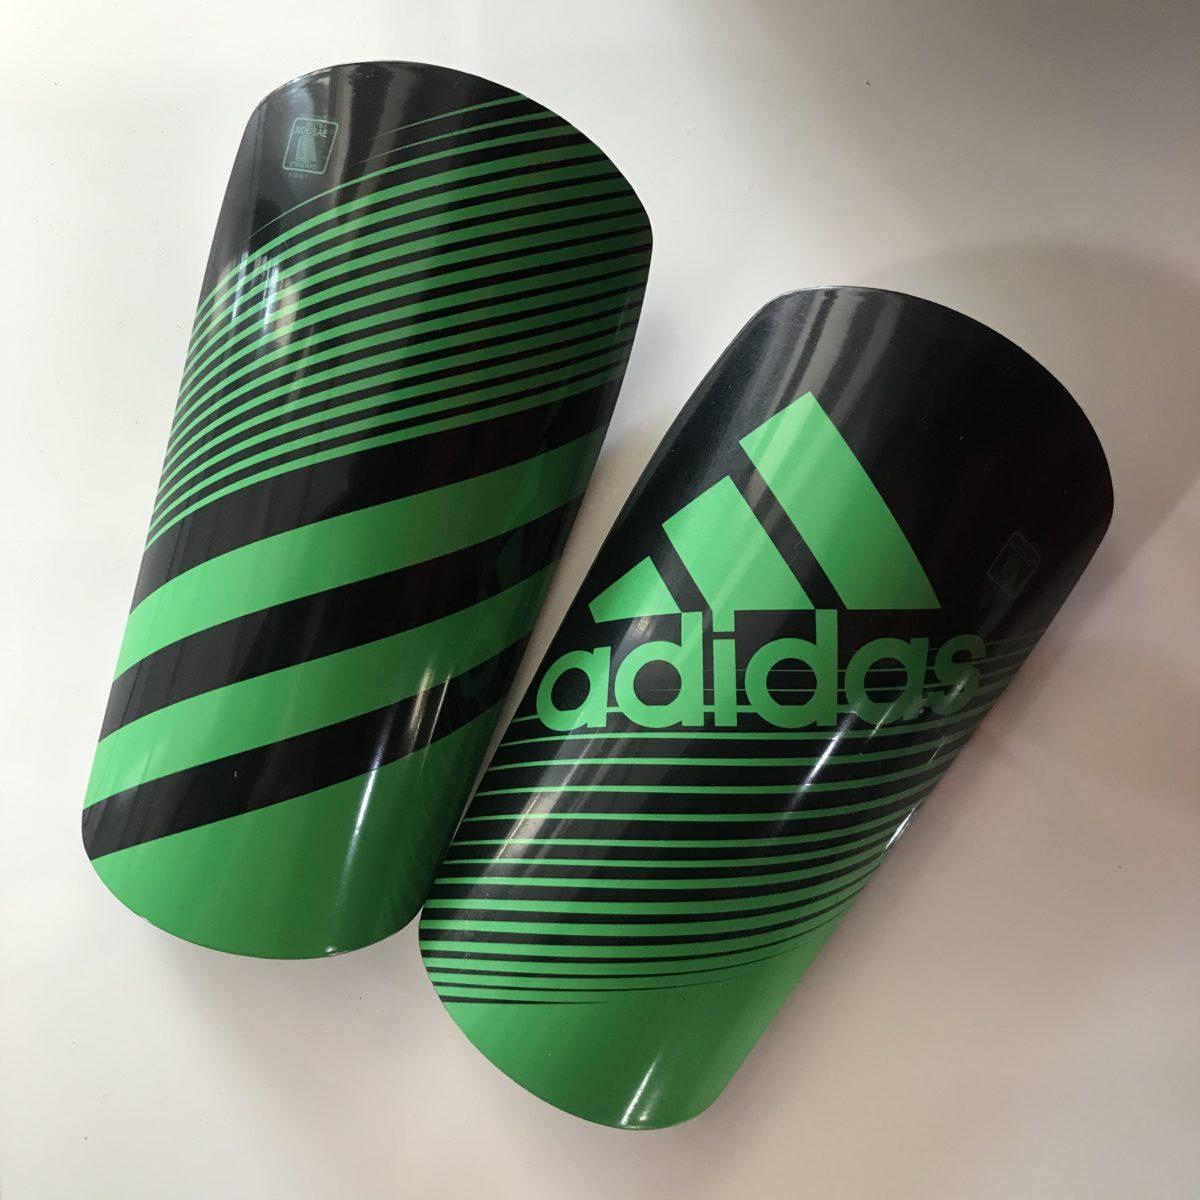 ADIDAS Щитки  Щ002: чёрный/зелёный - 1